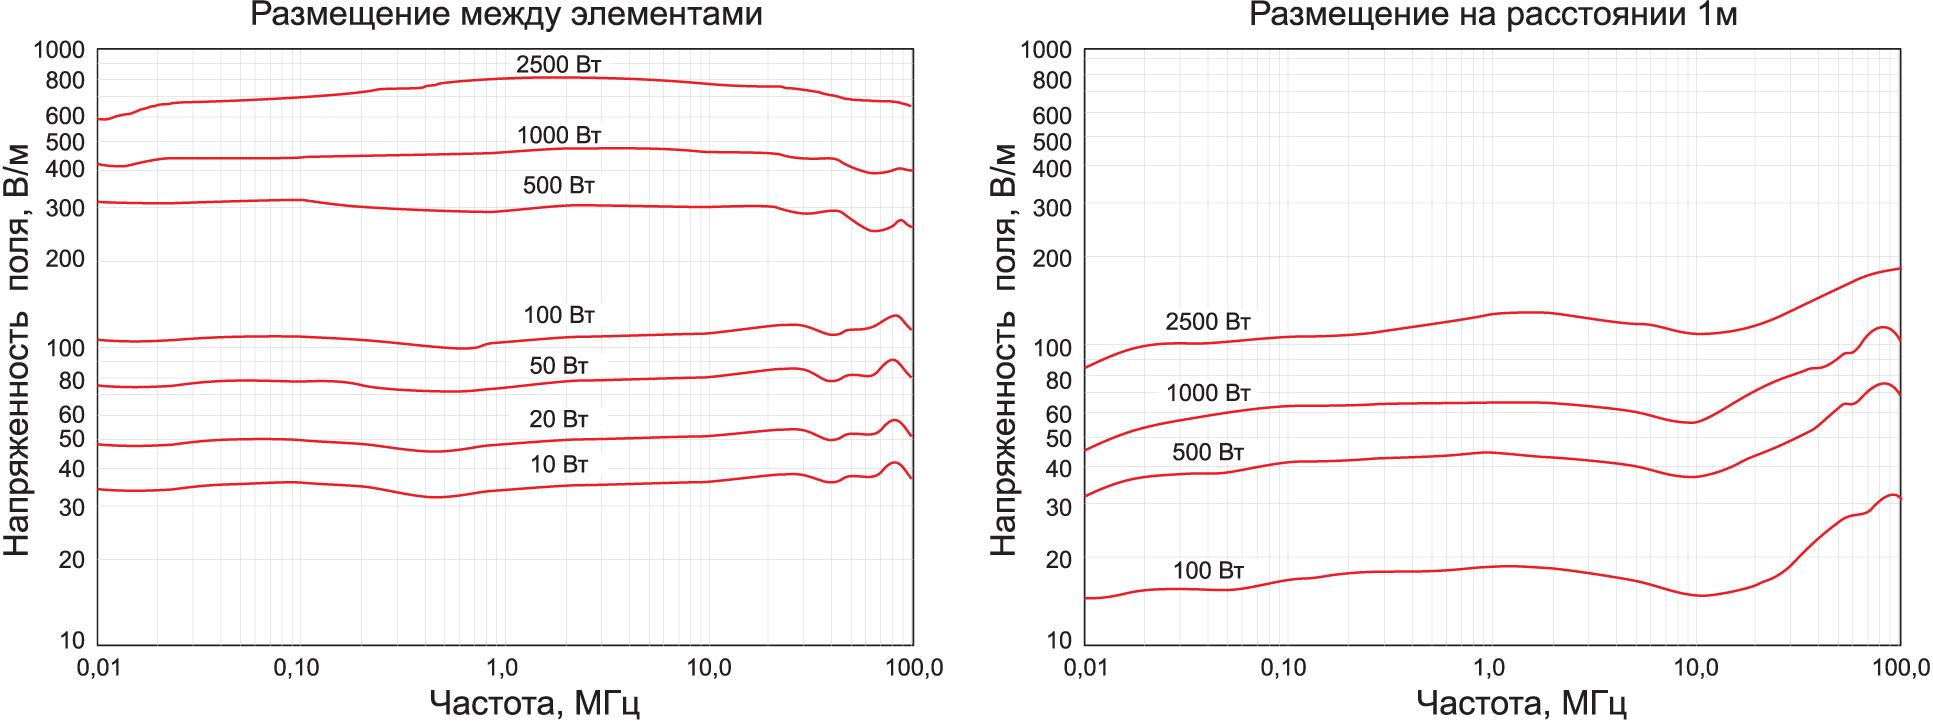 Графики напряженности генерируемого электрического поля при различных уровнях входной мощности